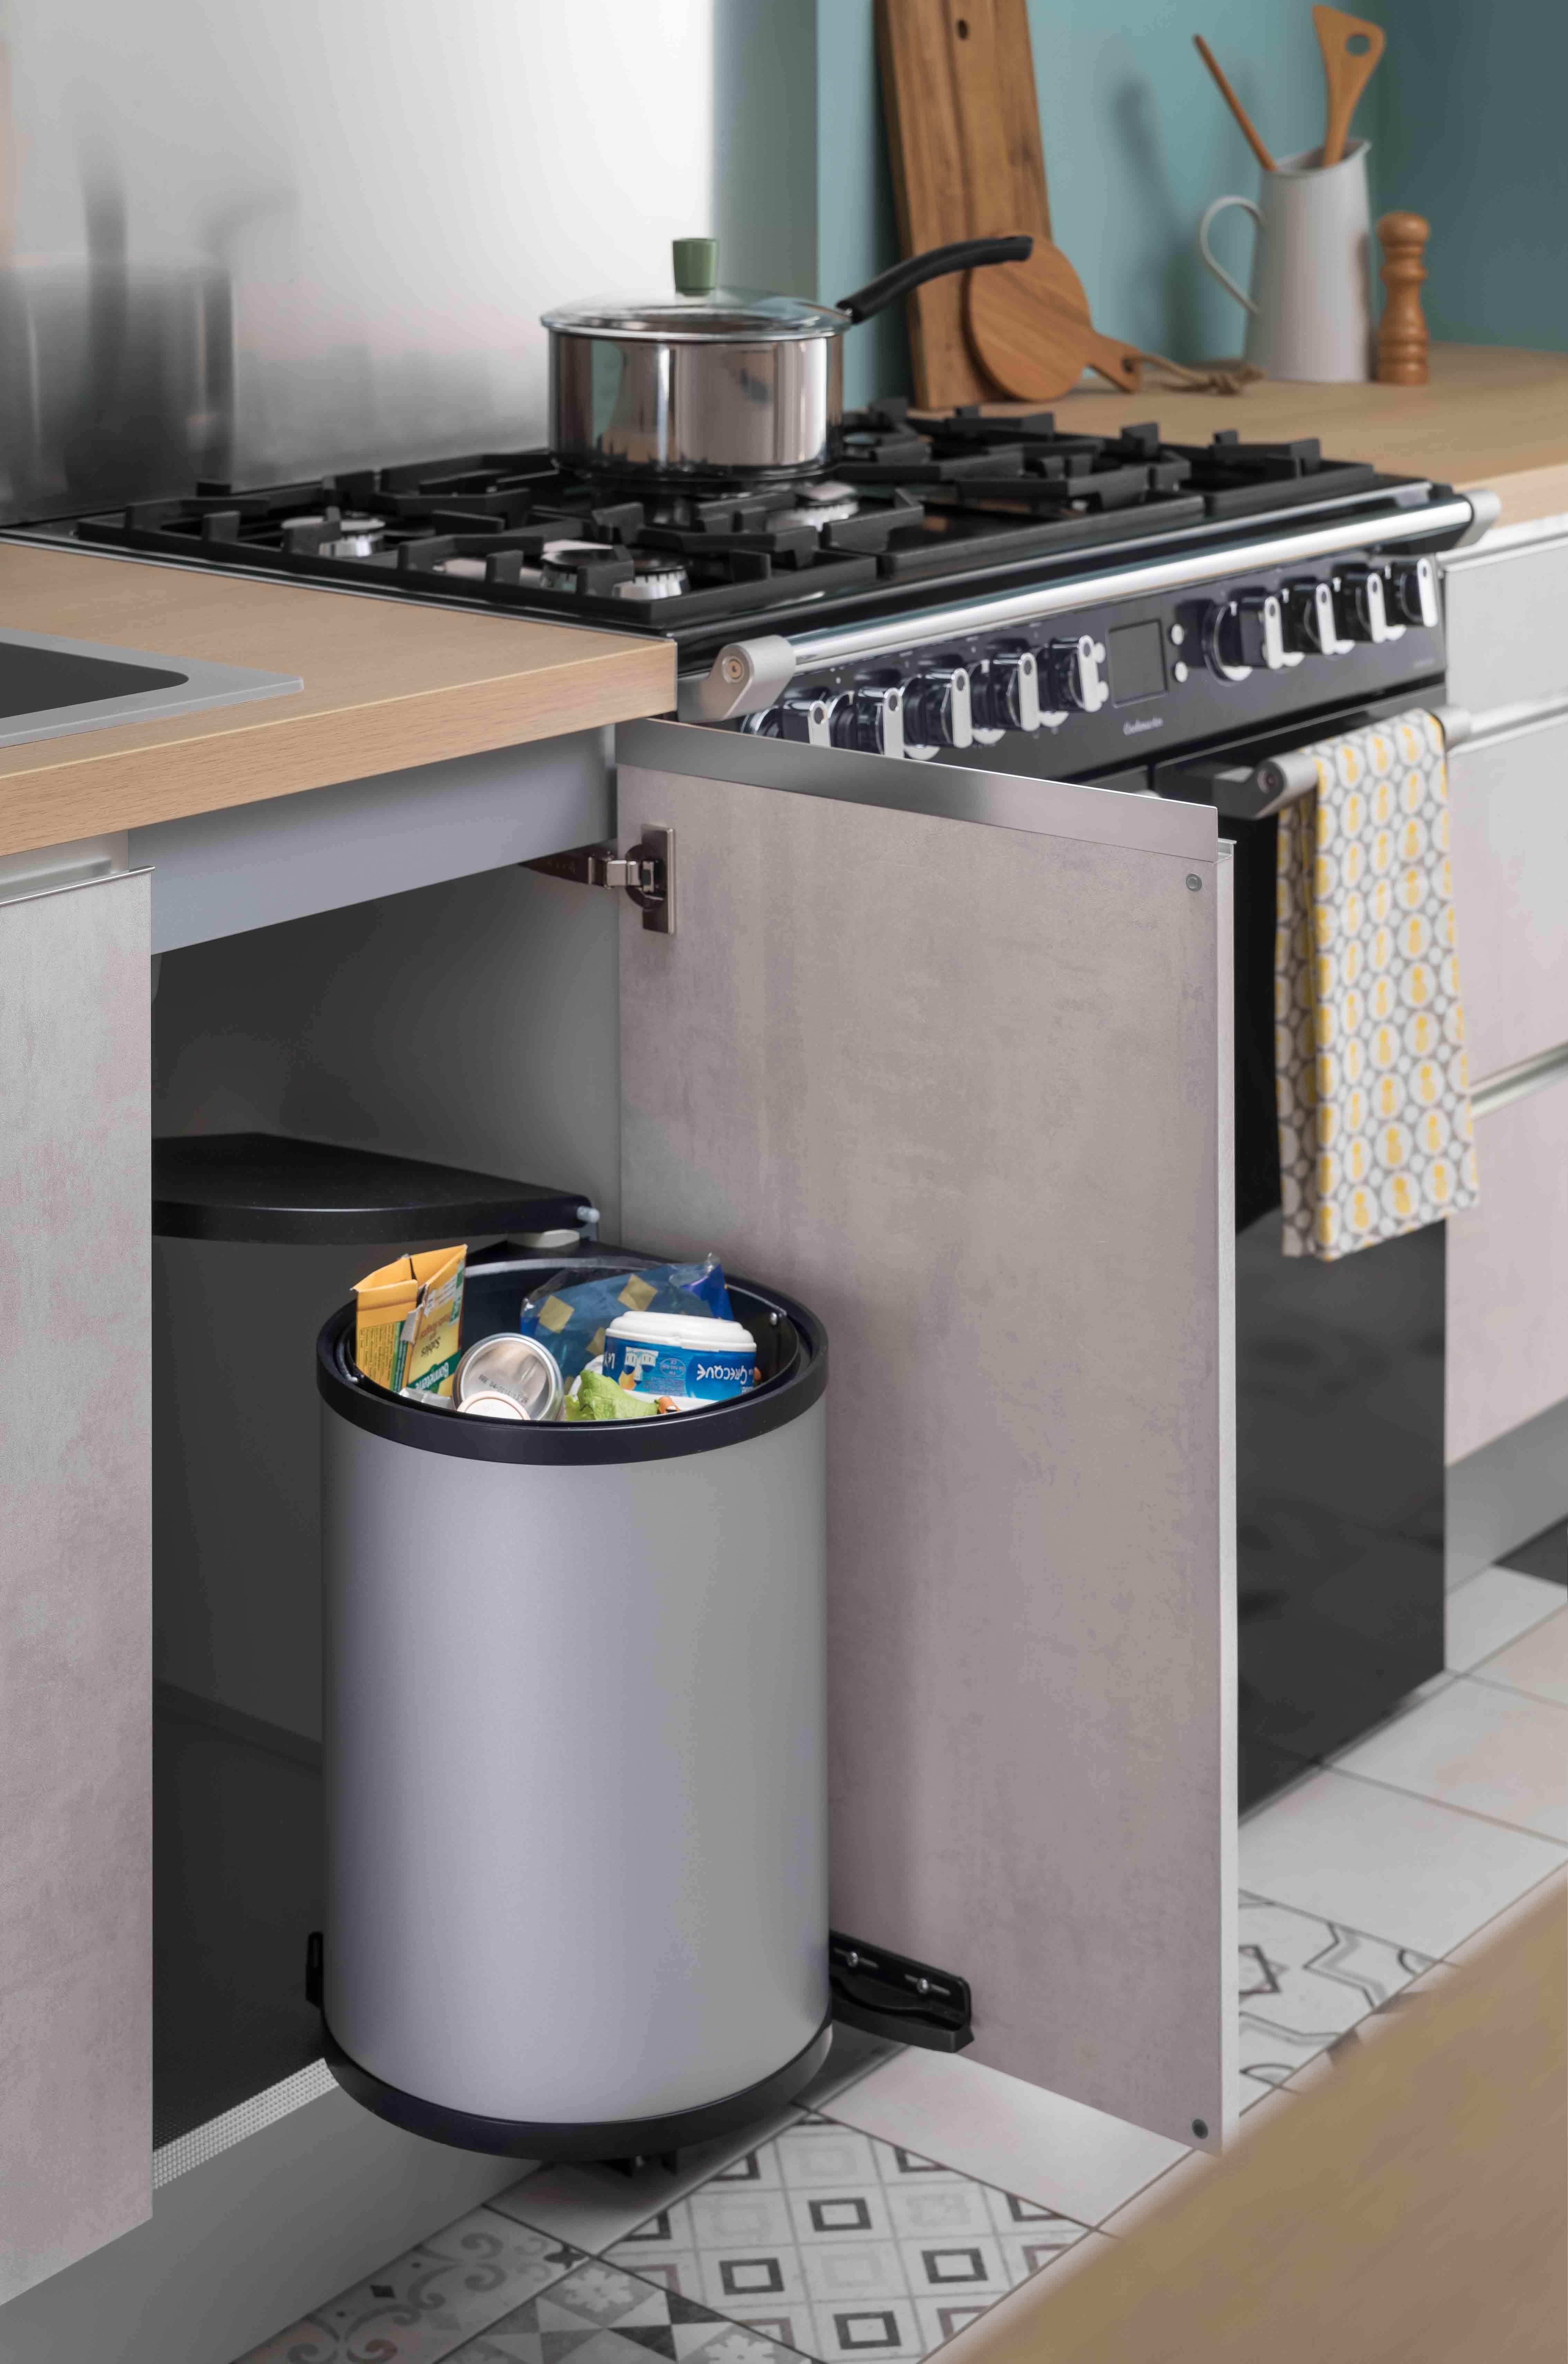 Les accessoires de cuisine meubles de cuisine poubelle cuisine accessoires cuisine et vier - Cuisine pratique et fonctionnelle ...